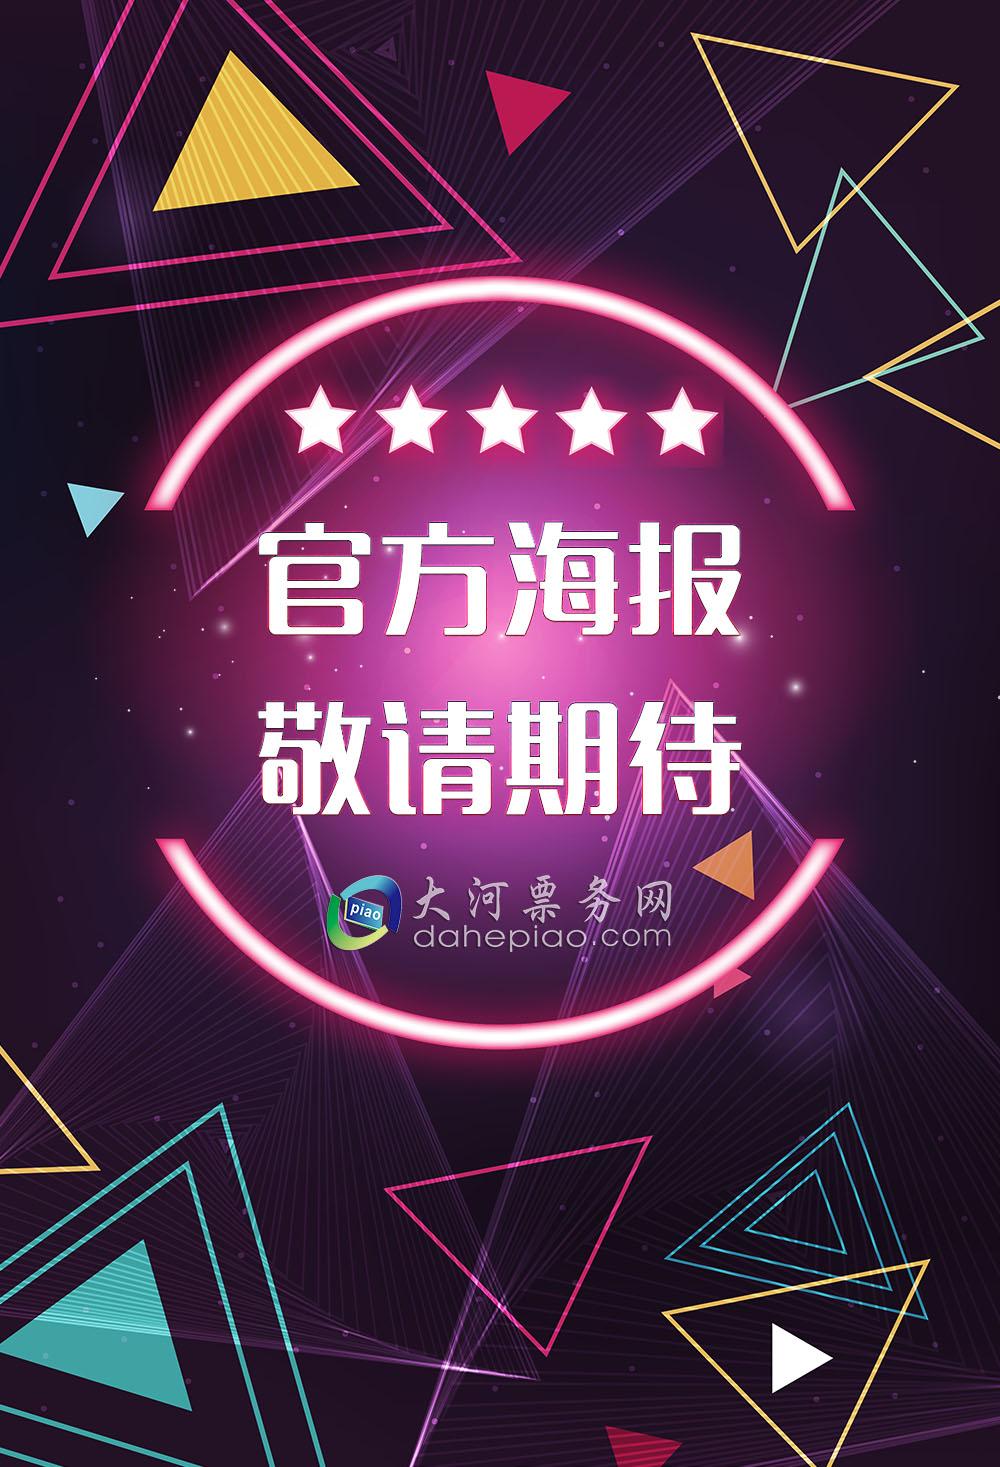 梁汉文香港演唱会